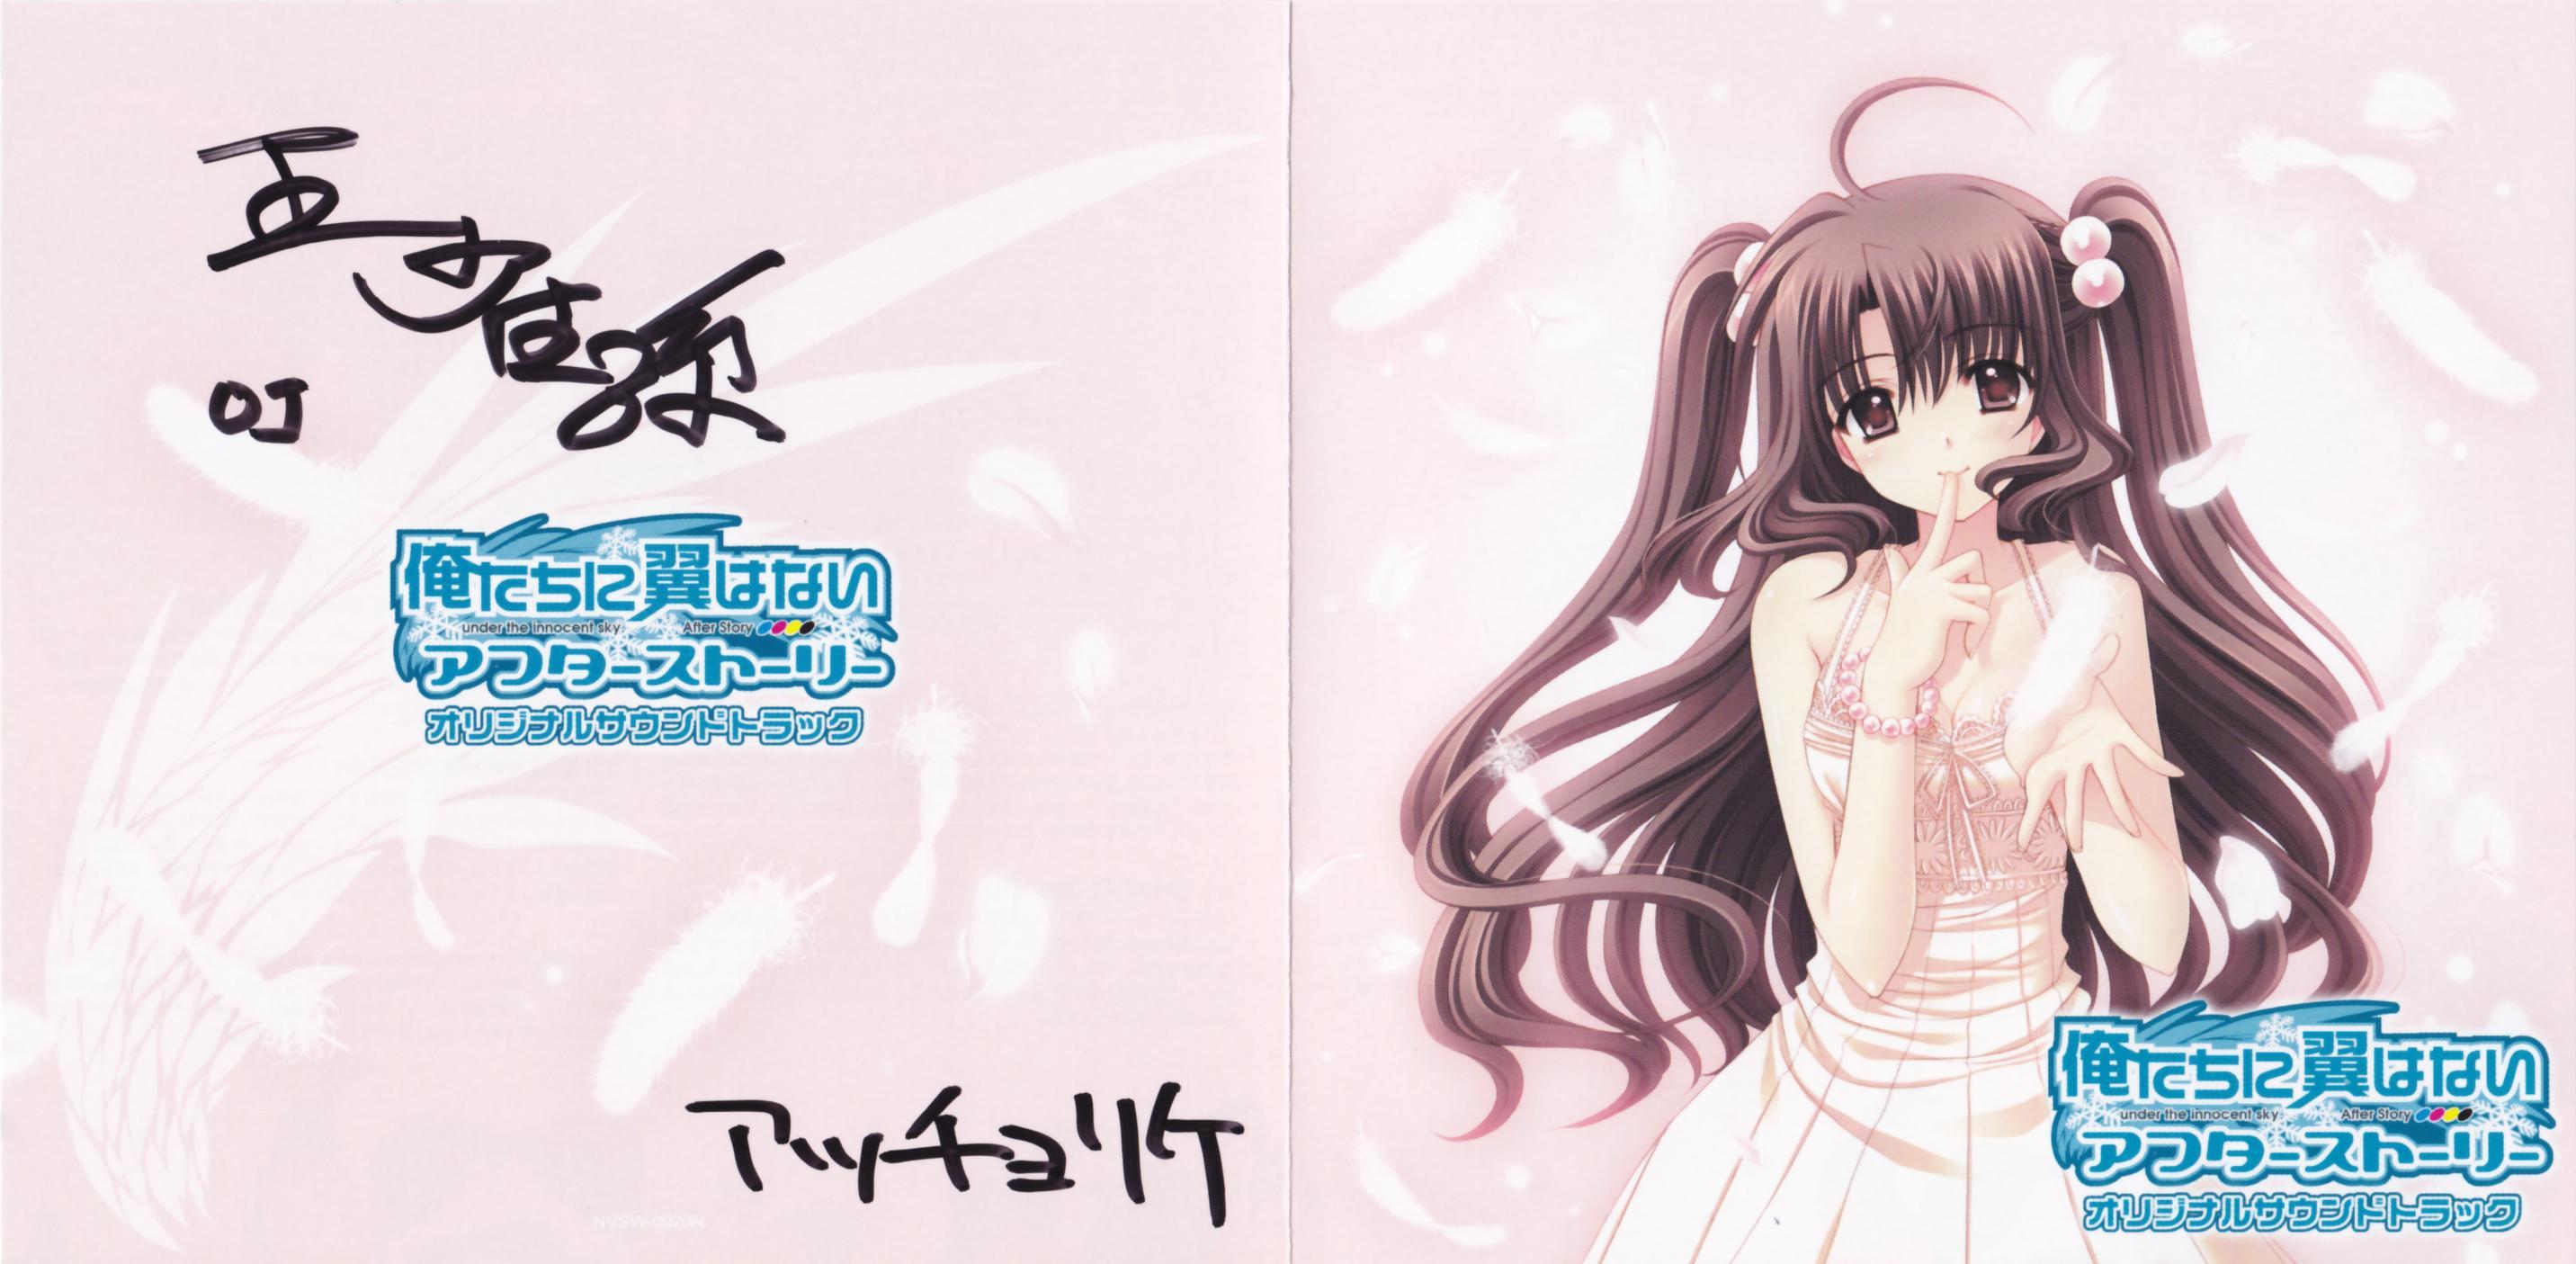 Oretachi ni Tsubasa wa Nai After Story MP3 - Download